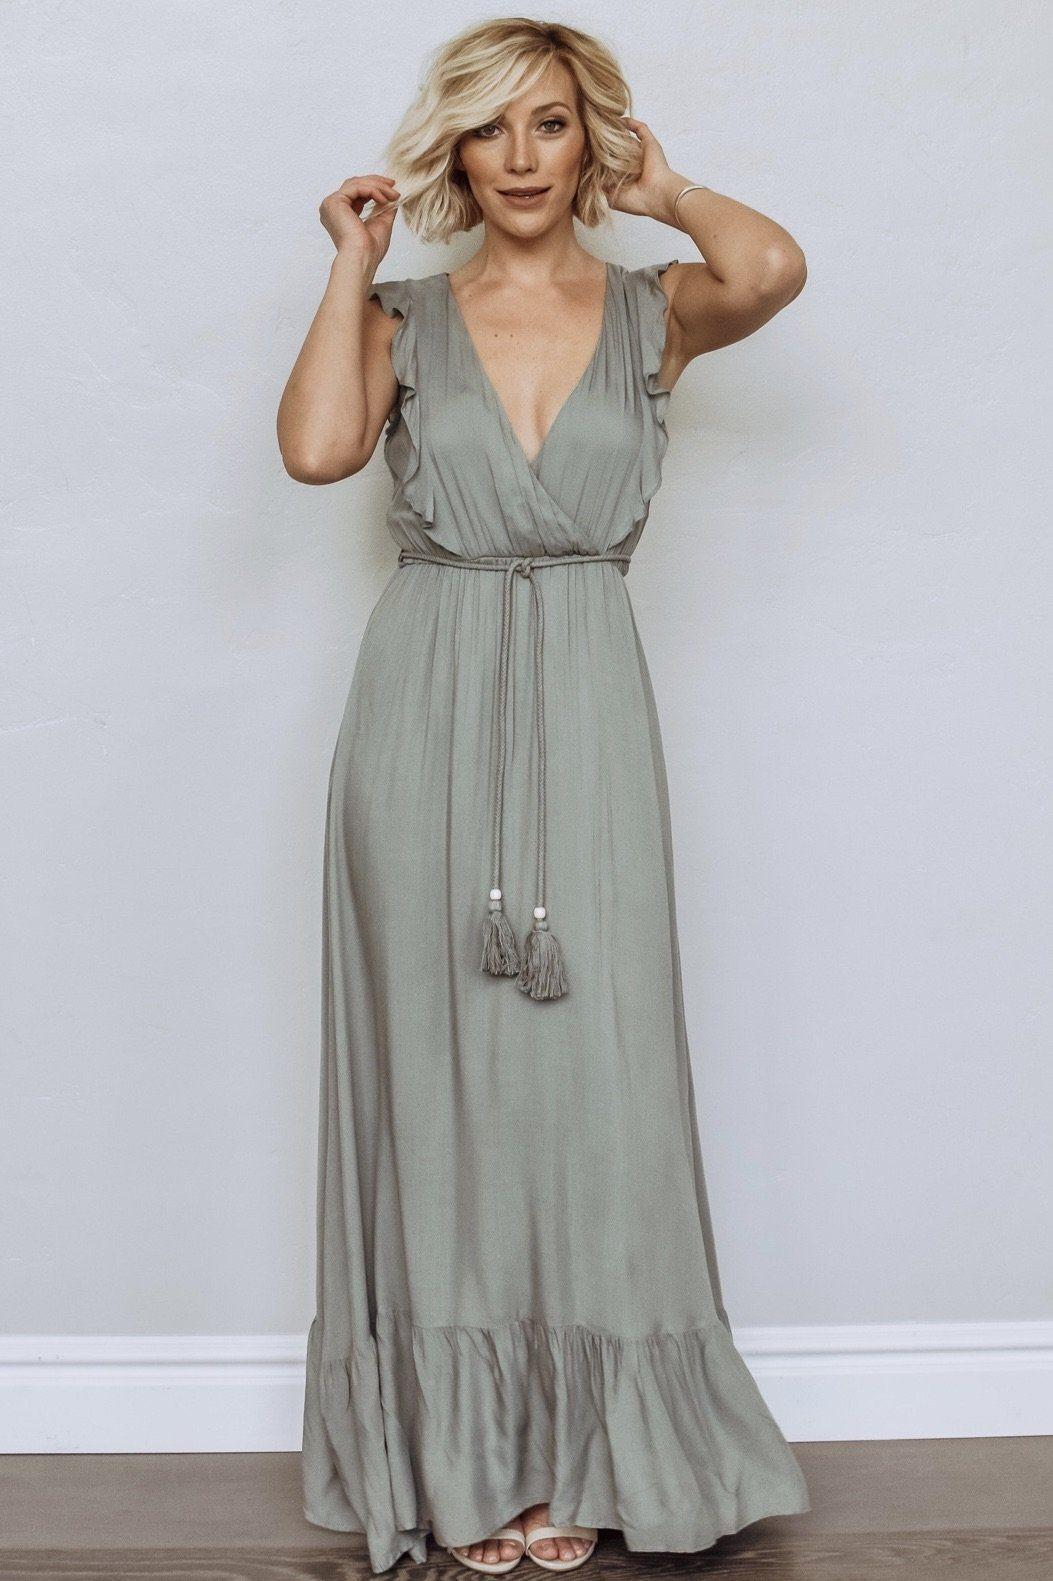 Jolie Deep V Maxi Dress In Sage Maxi Dress Dresses Junior Formal Dresses [ 1581 x 1053 Pixel ]